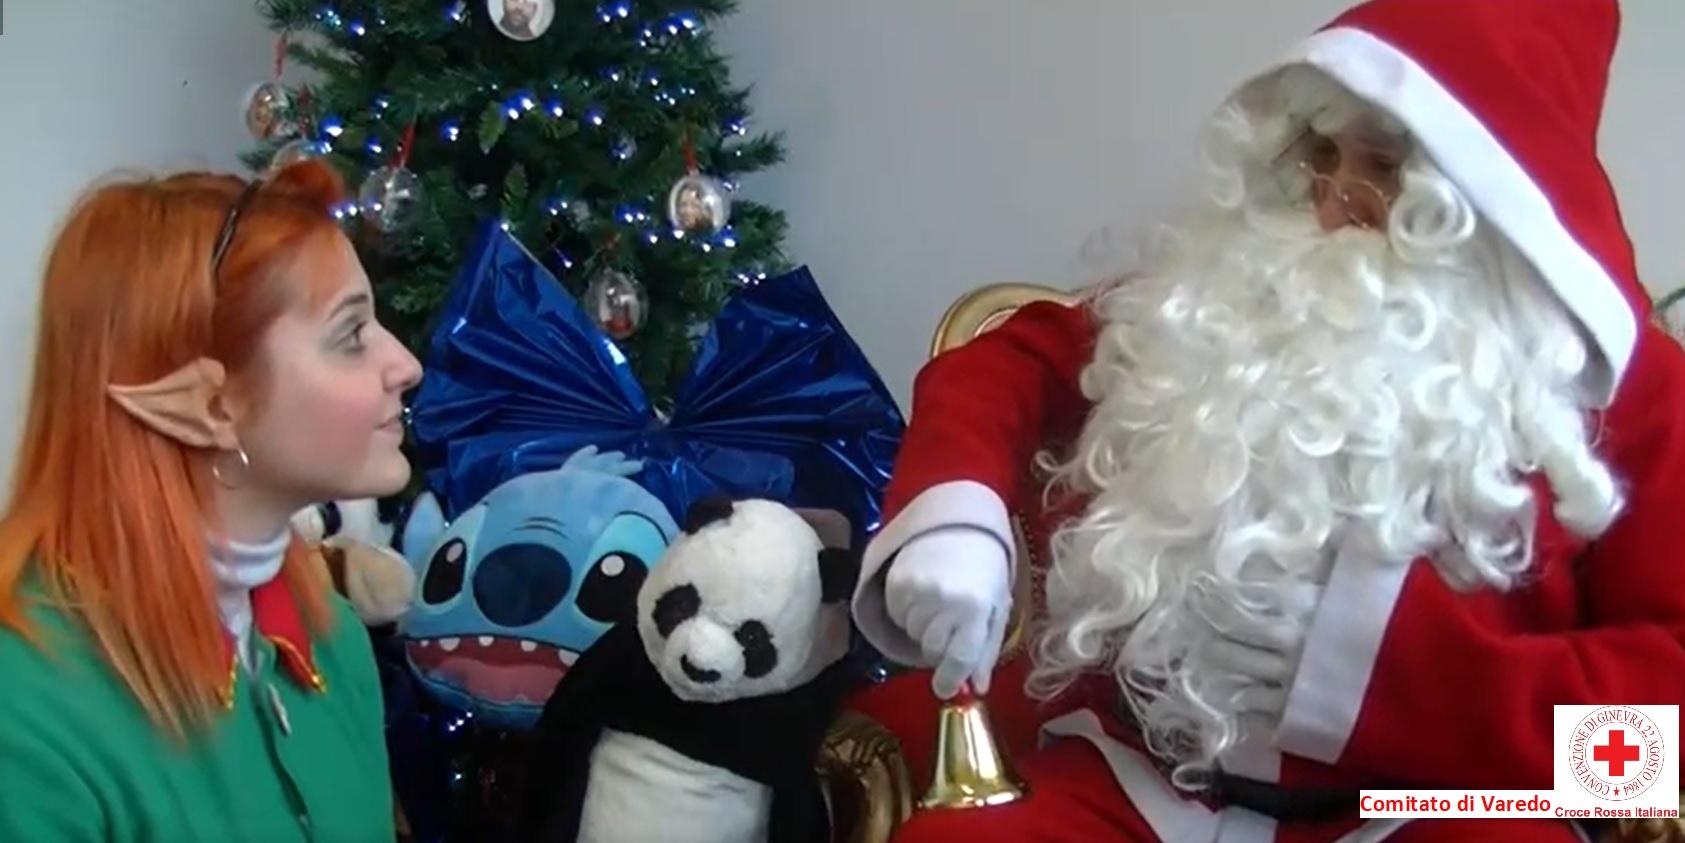 Dove Si Trova In Questo Momento Babbo Natale.Con La Croce Rossa Babbo Natale Arriva Sotto Casa Prima Monza